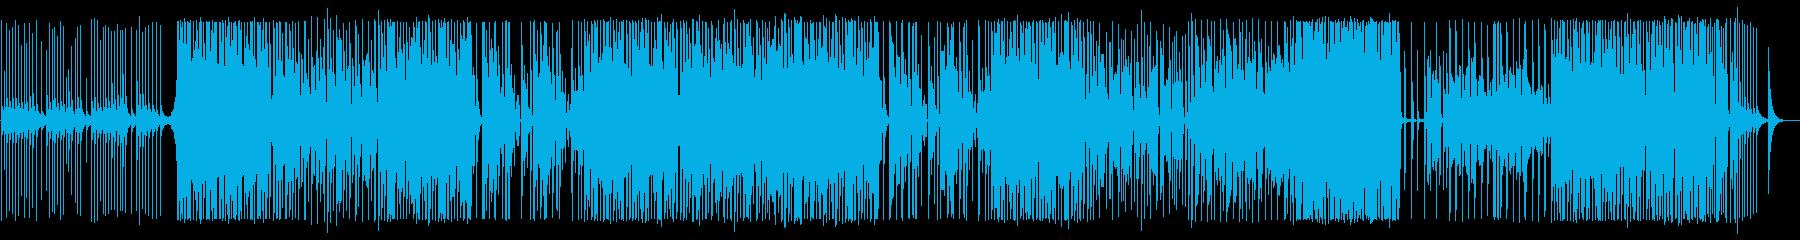 鉄琴の音色ではじまるせつない曲の再生済みの波形